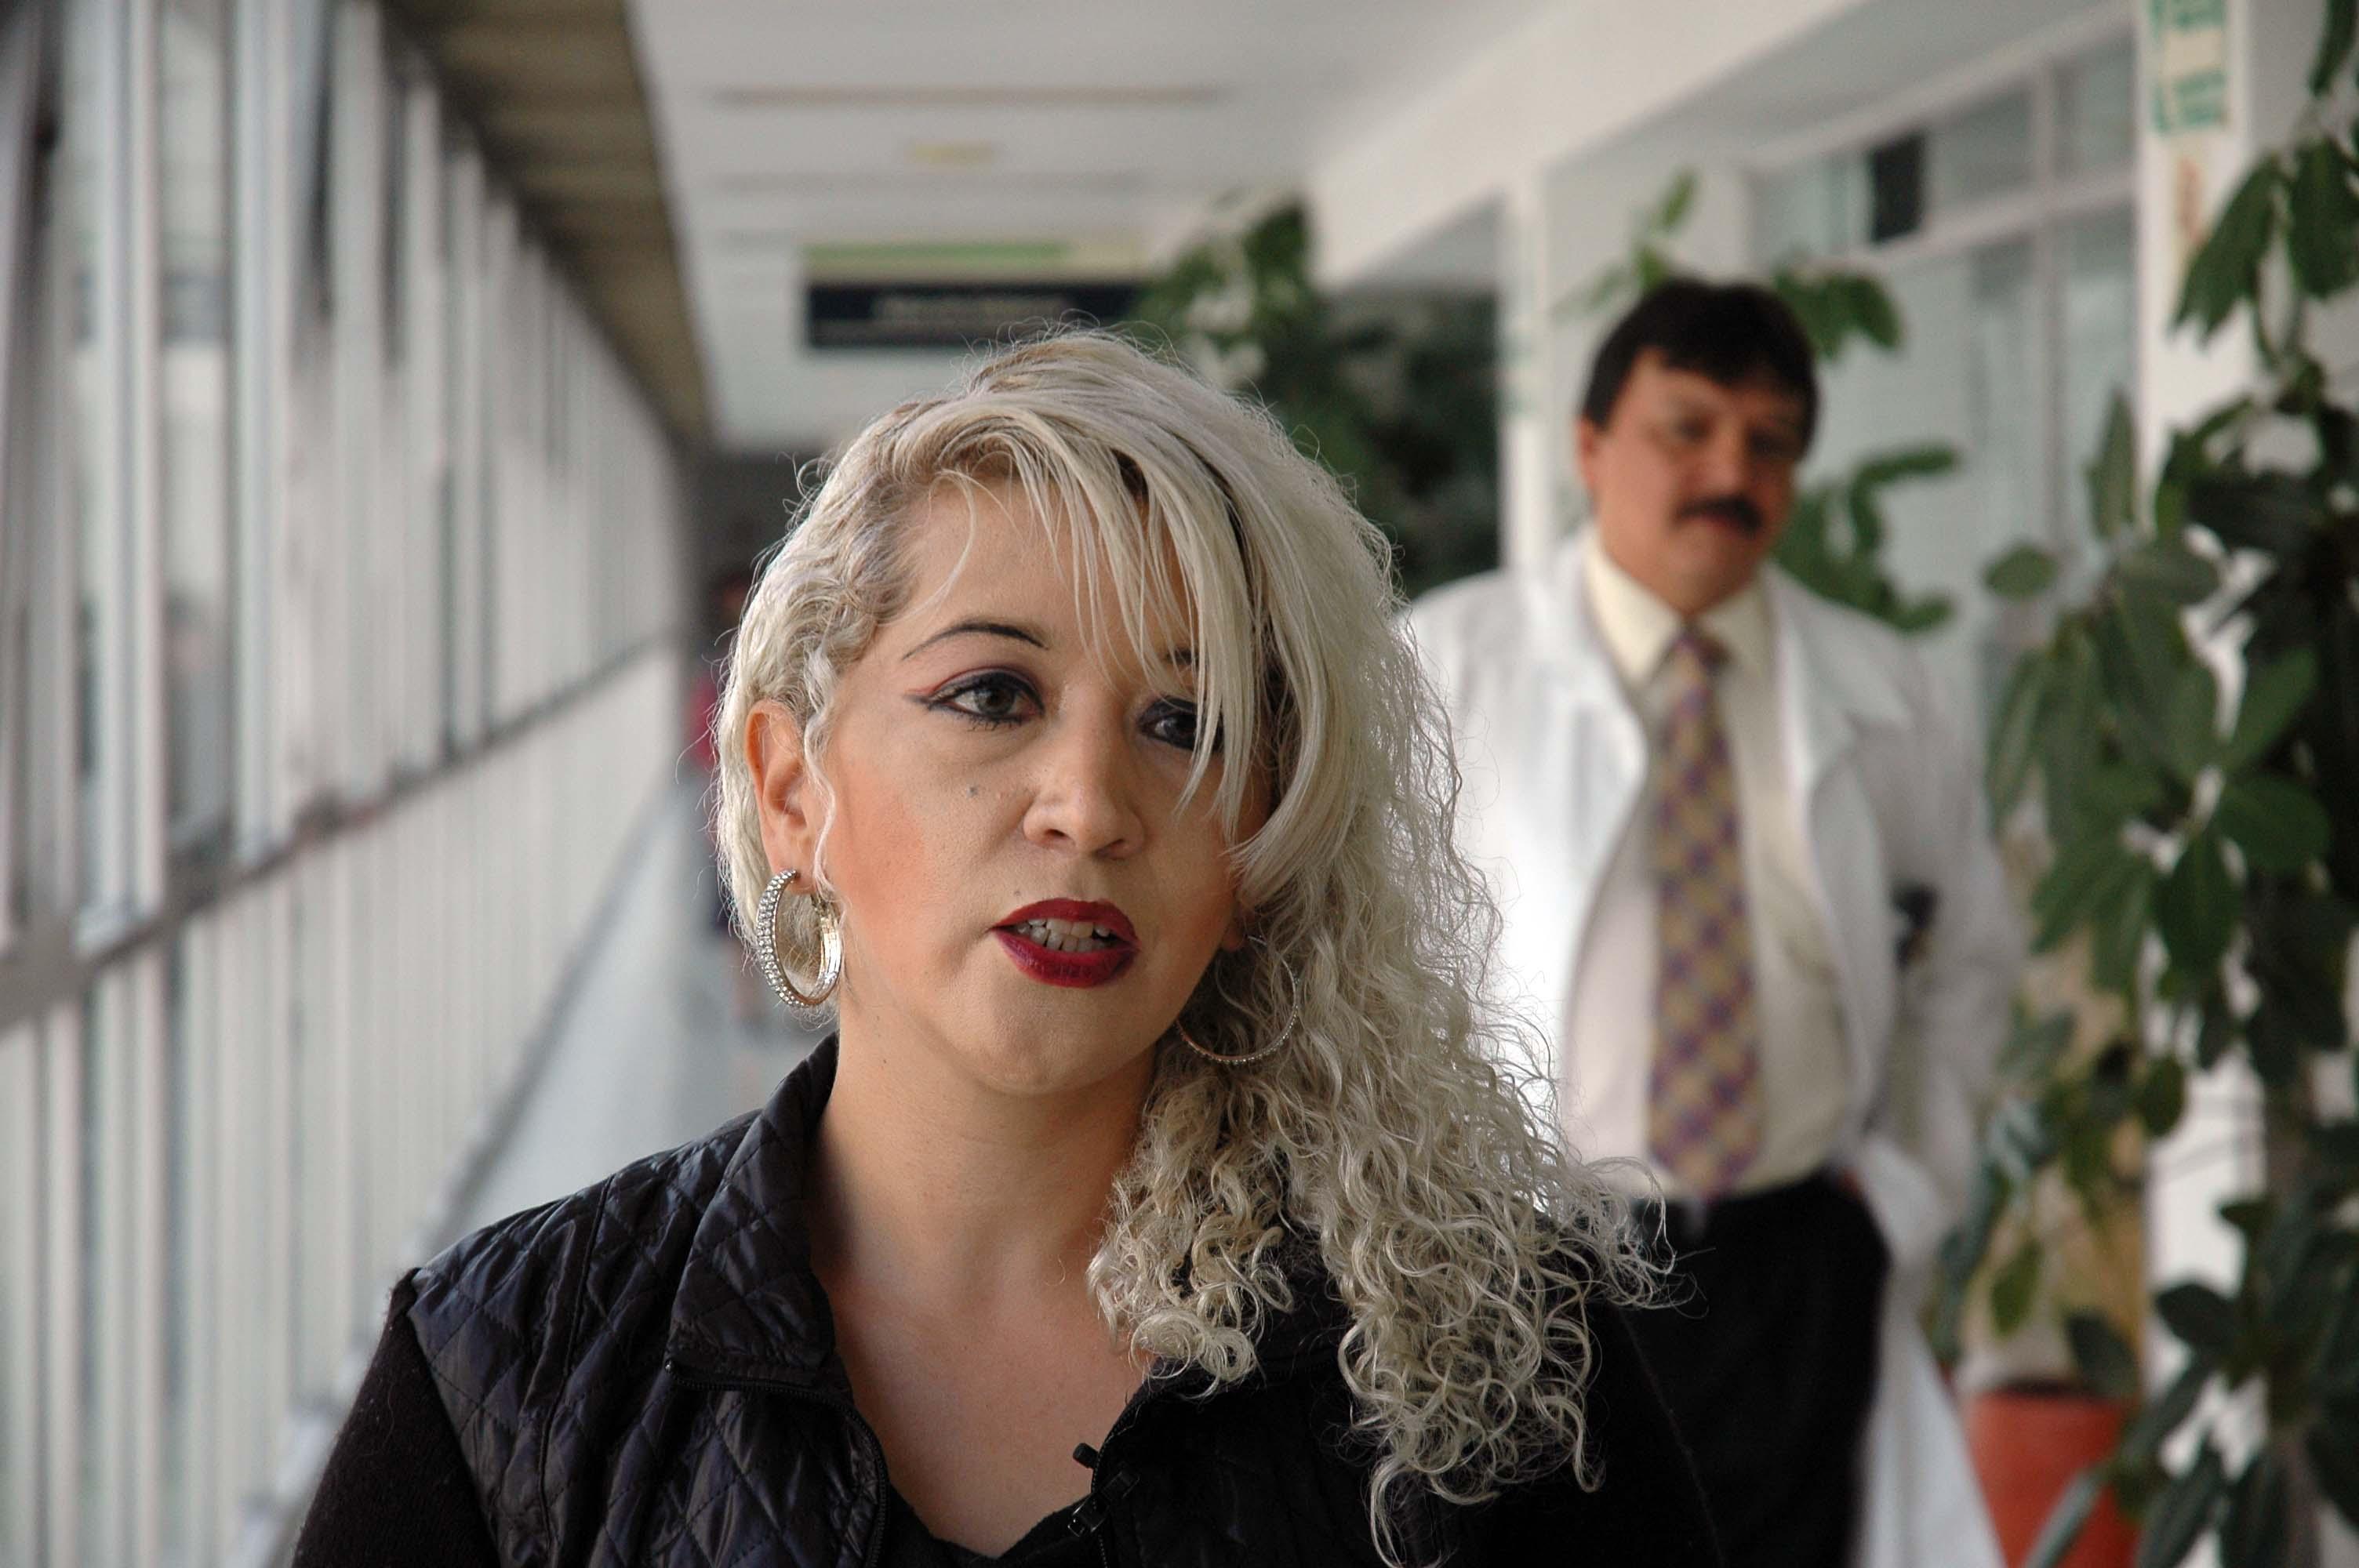 La Secretaria de Salud, Mercedes Juan, intervino para llevar a cabo la cirugía que le salvó la vida.